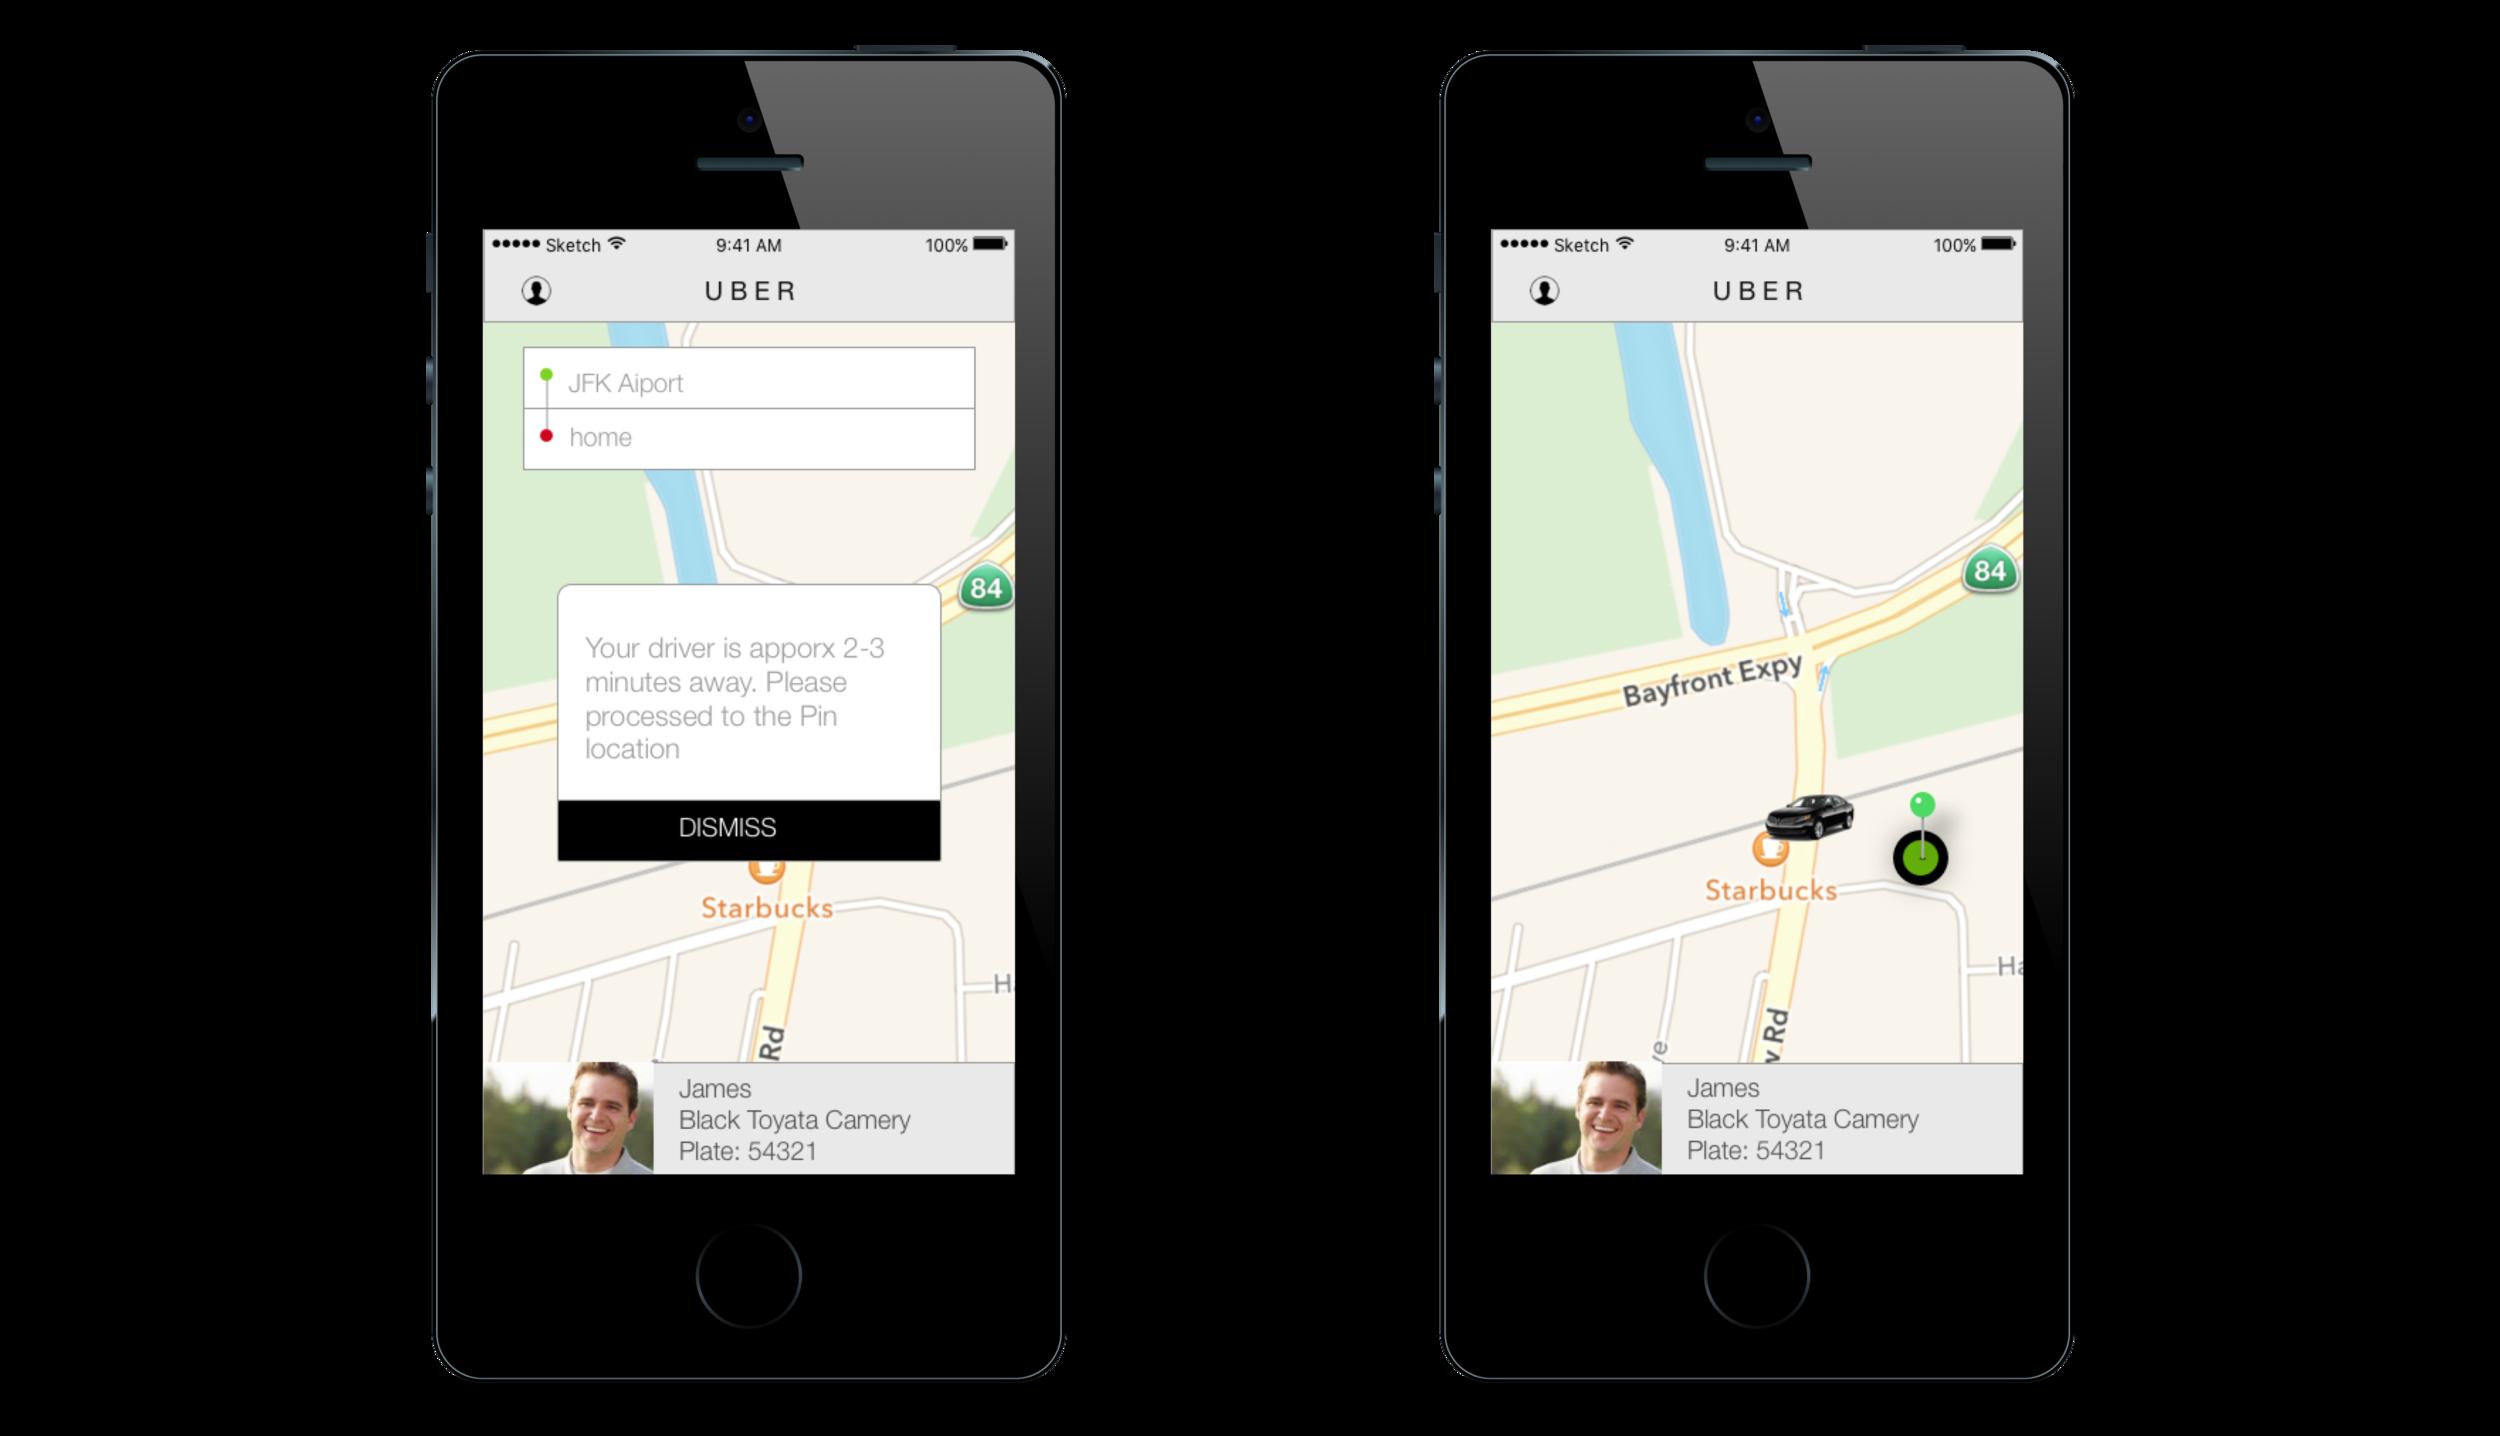 App for Uber passengers